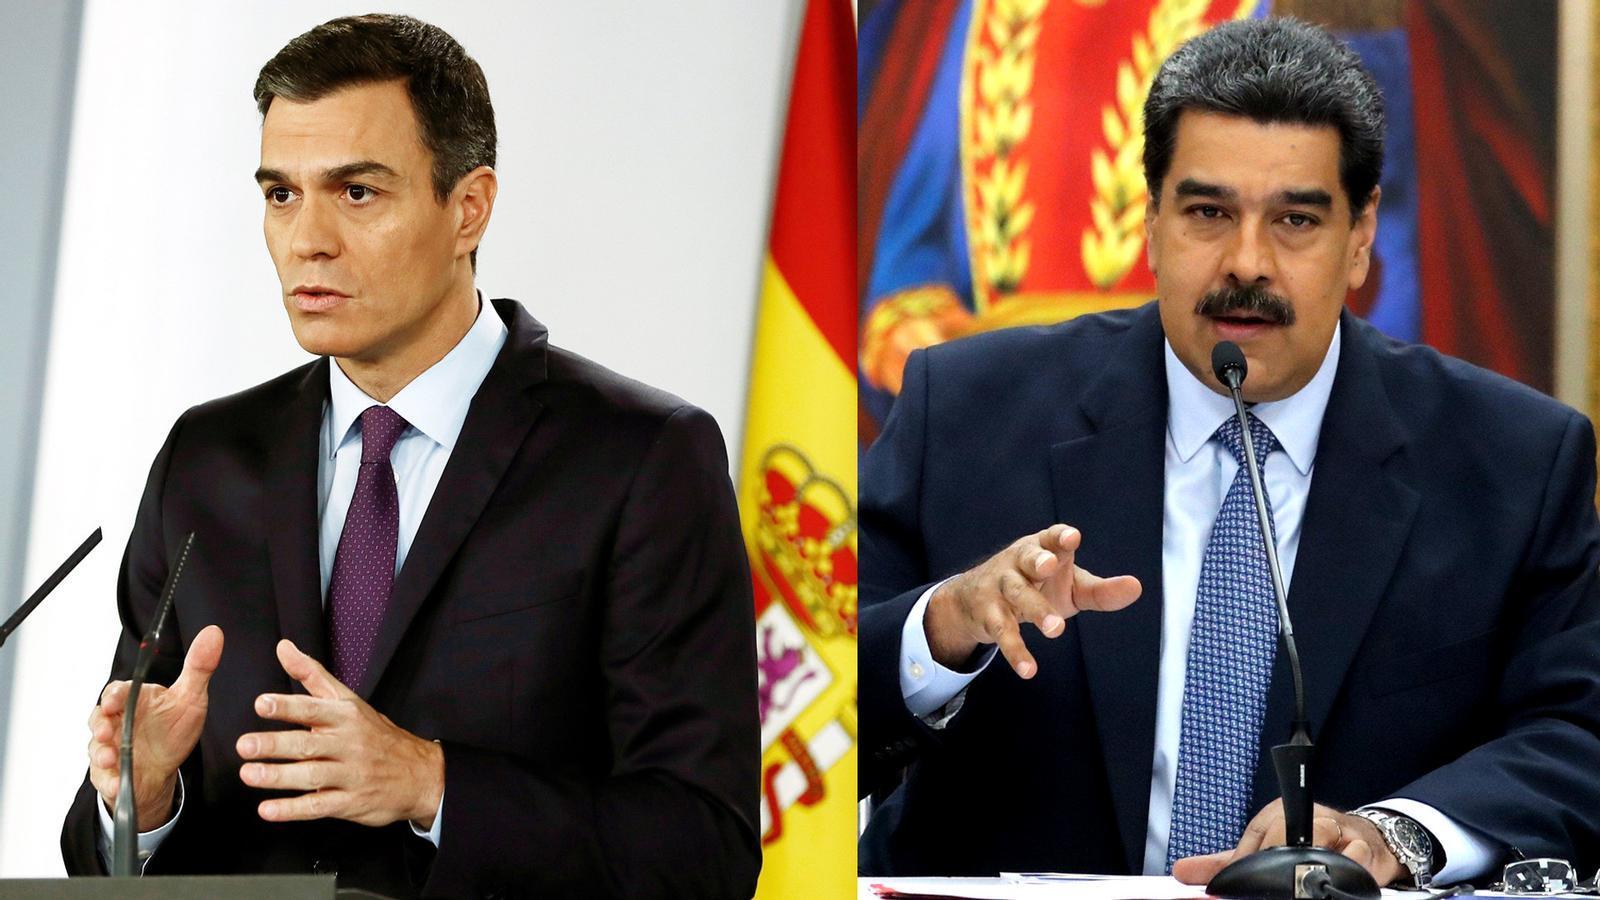 L'anàlisi d'Antoni Bassas:  '«Democràcia plena significa que no hi hagi presos polítics a Veneçuela», segons Pedro Sánchez'